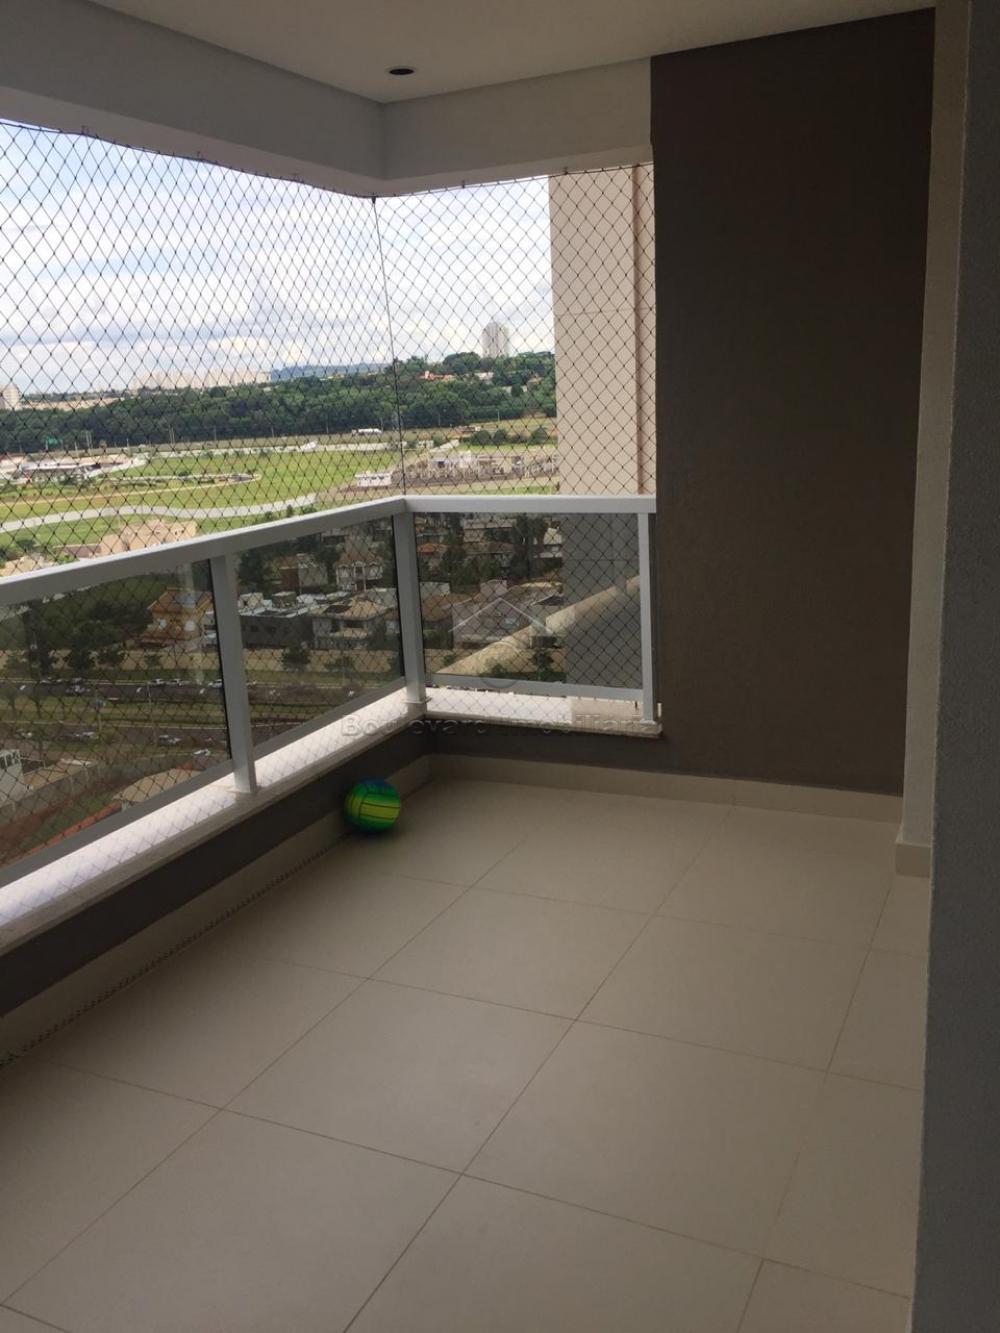 Comprar Apartamento / Padrão em Ribeirão Preto R$ 670.000,00 - Foto 4